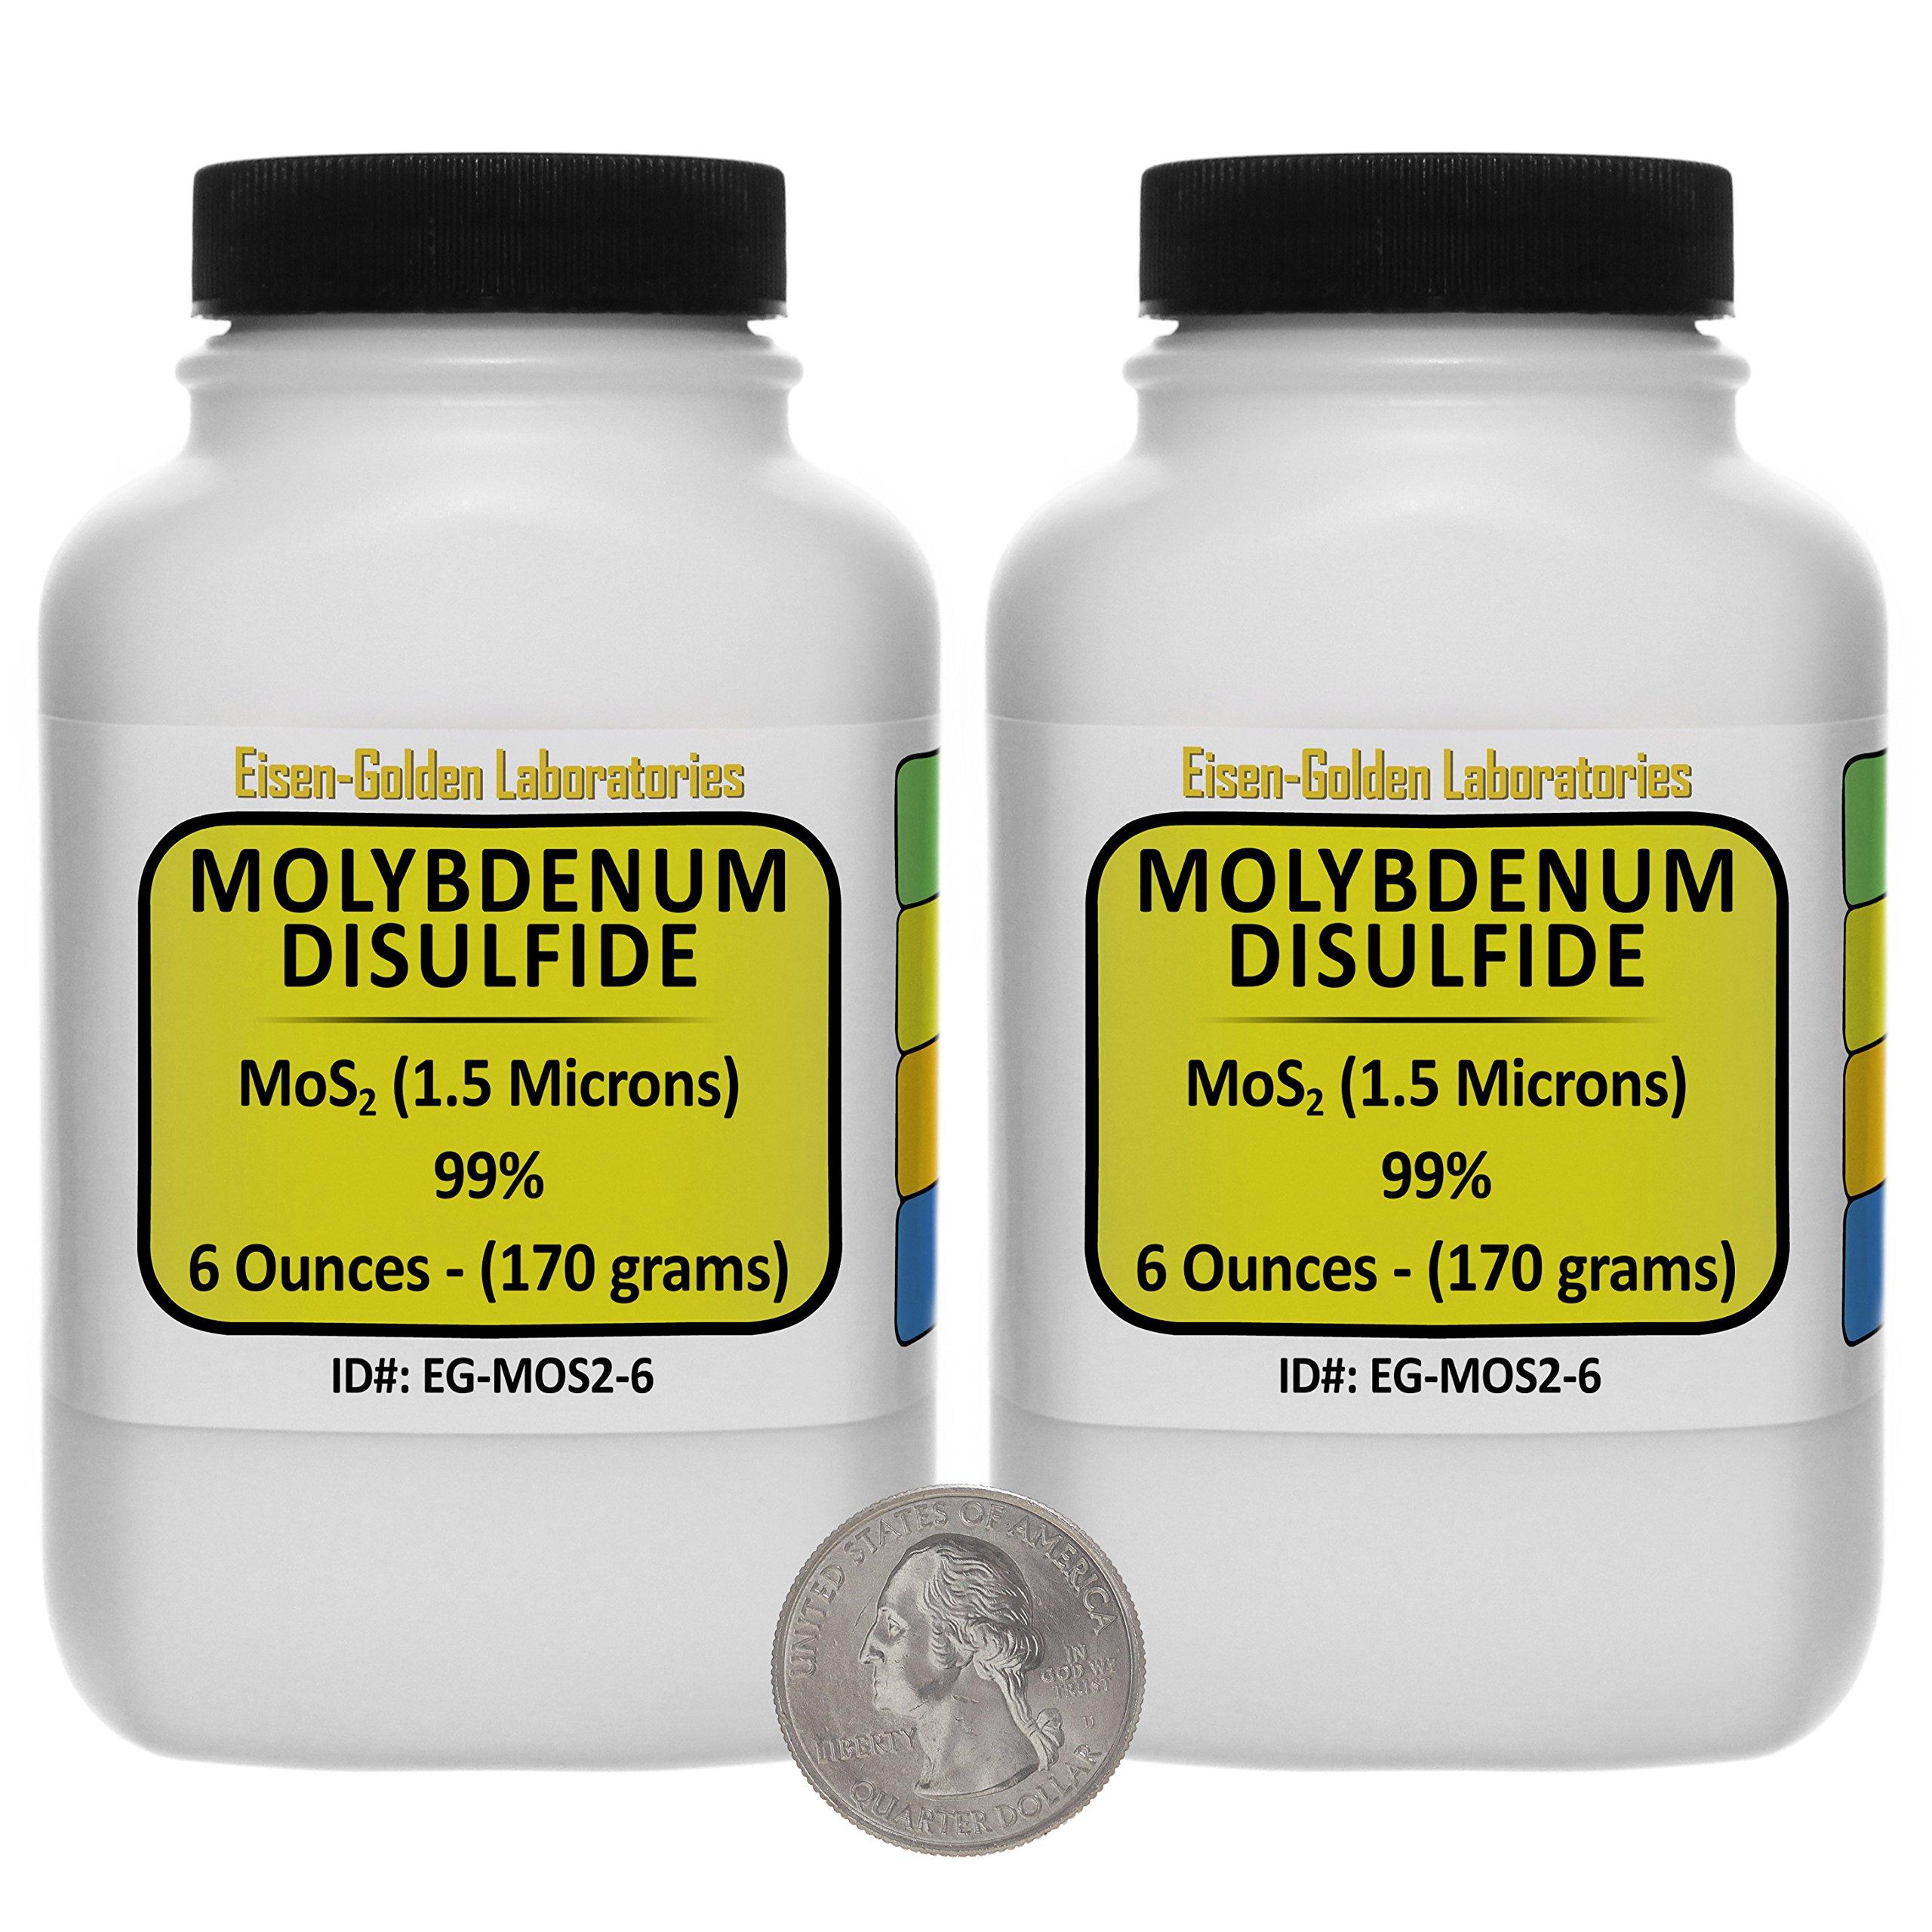 Molybdenum Disulfide [MoS2] 99% AR Grade Powder 12 Oz in Two Space-Saver Bottles USA